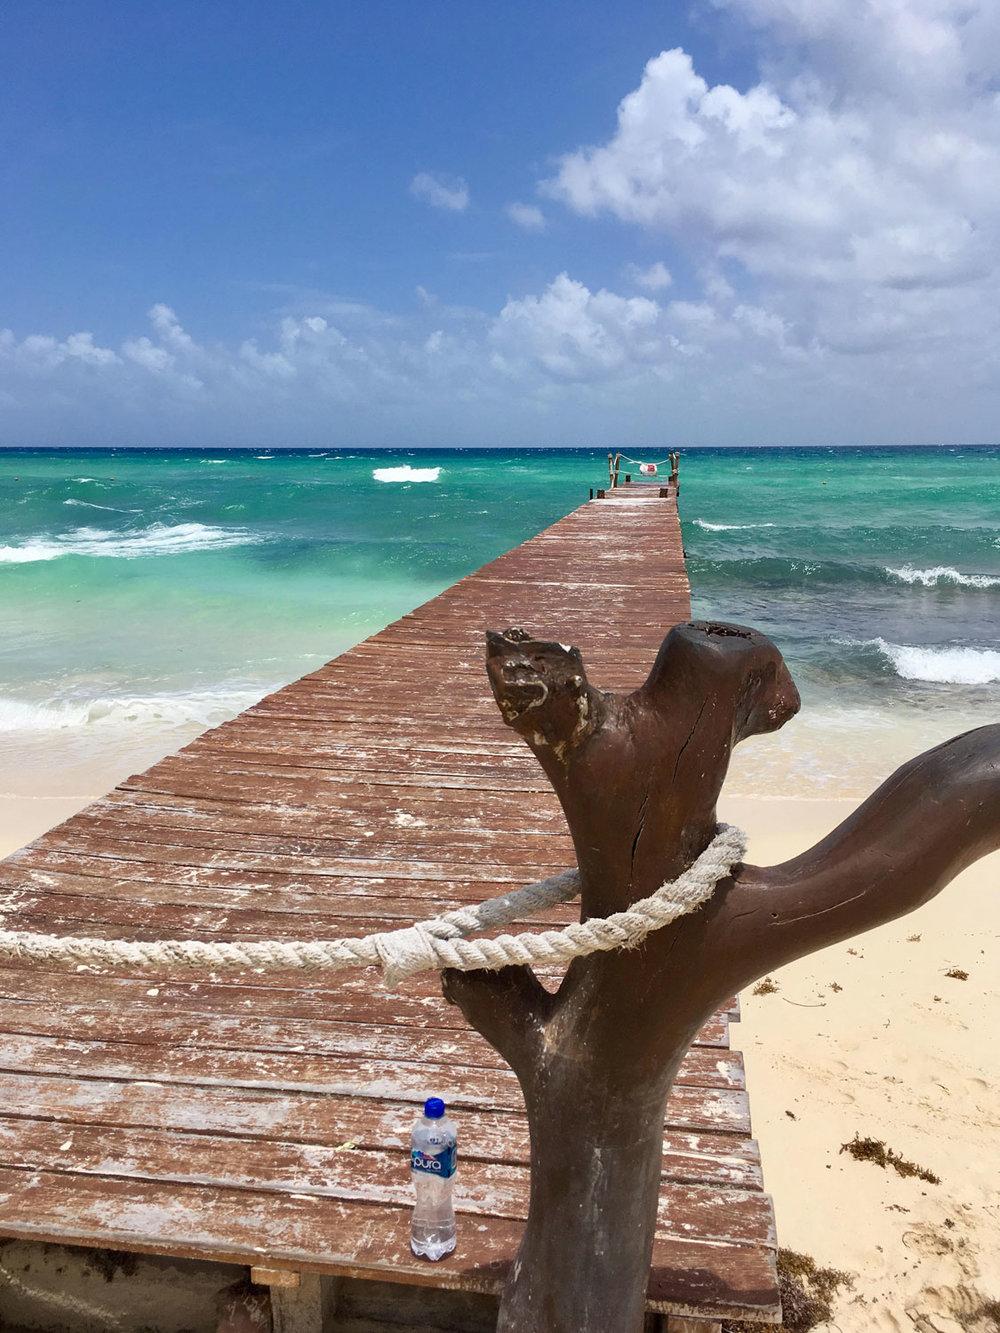 Hammocks_and_Ruins_Town_Villages_Quinatana_Roo_Riviera_Maya_Mexico_Hammocks_Playa_Explore_Beaches_18.jpg